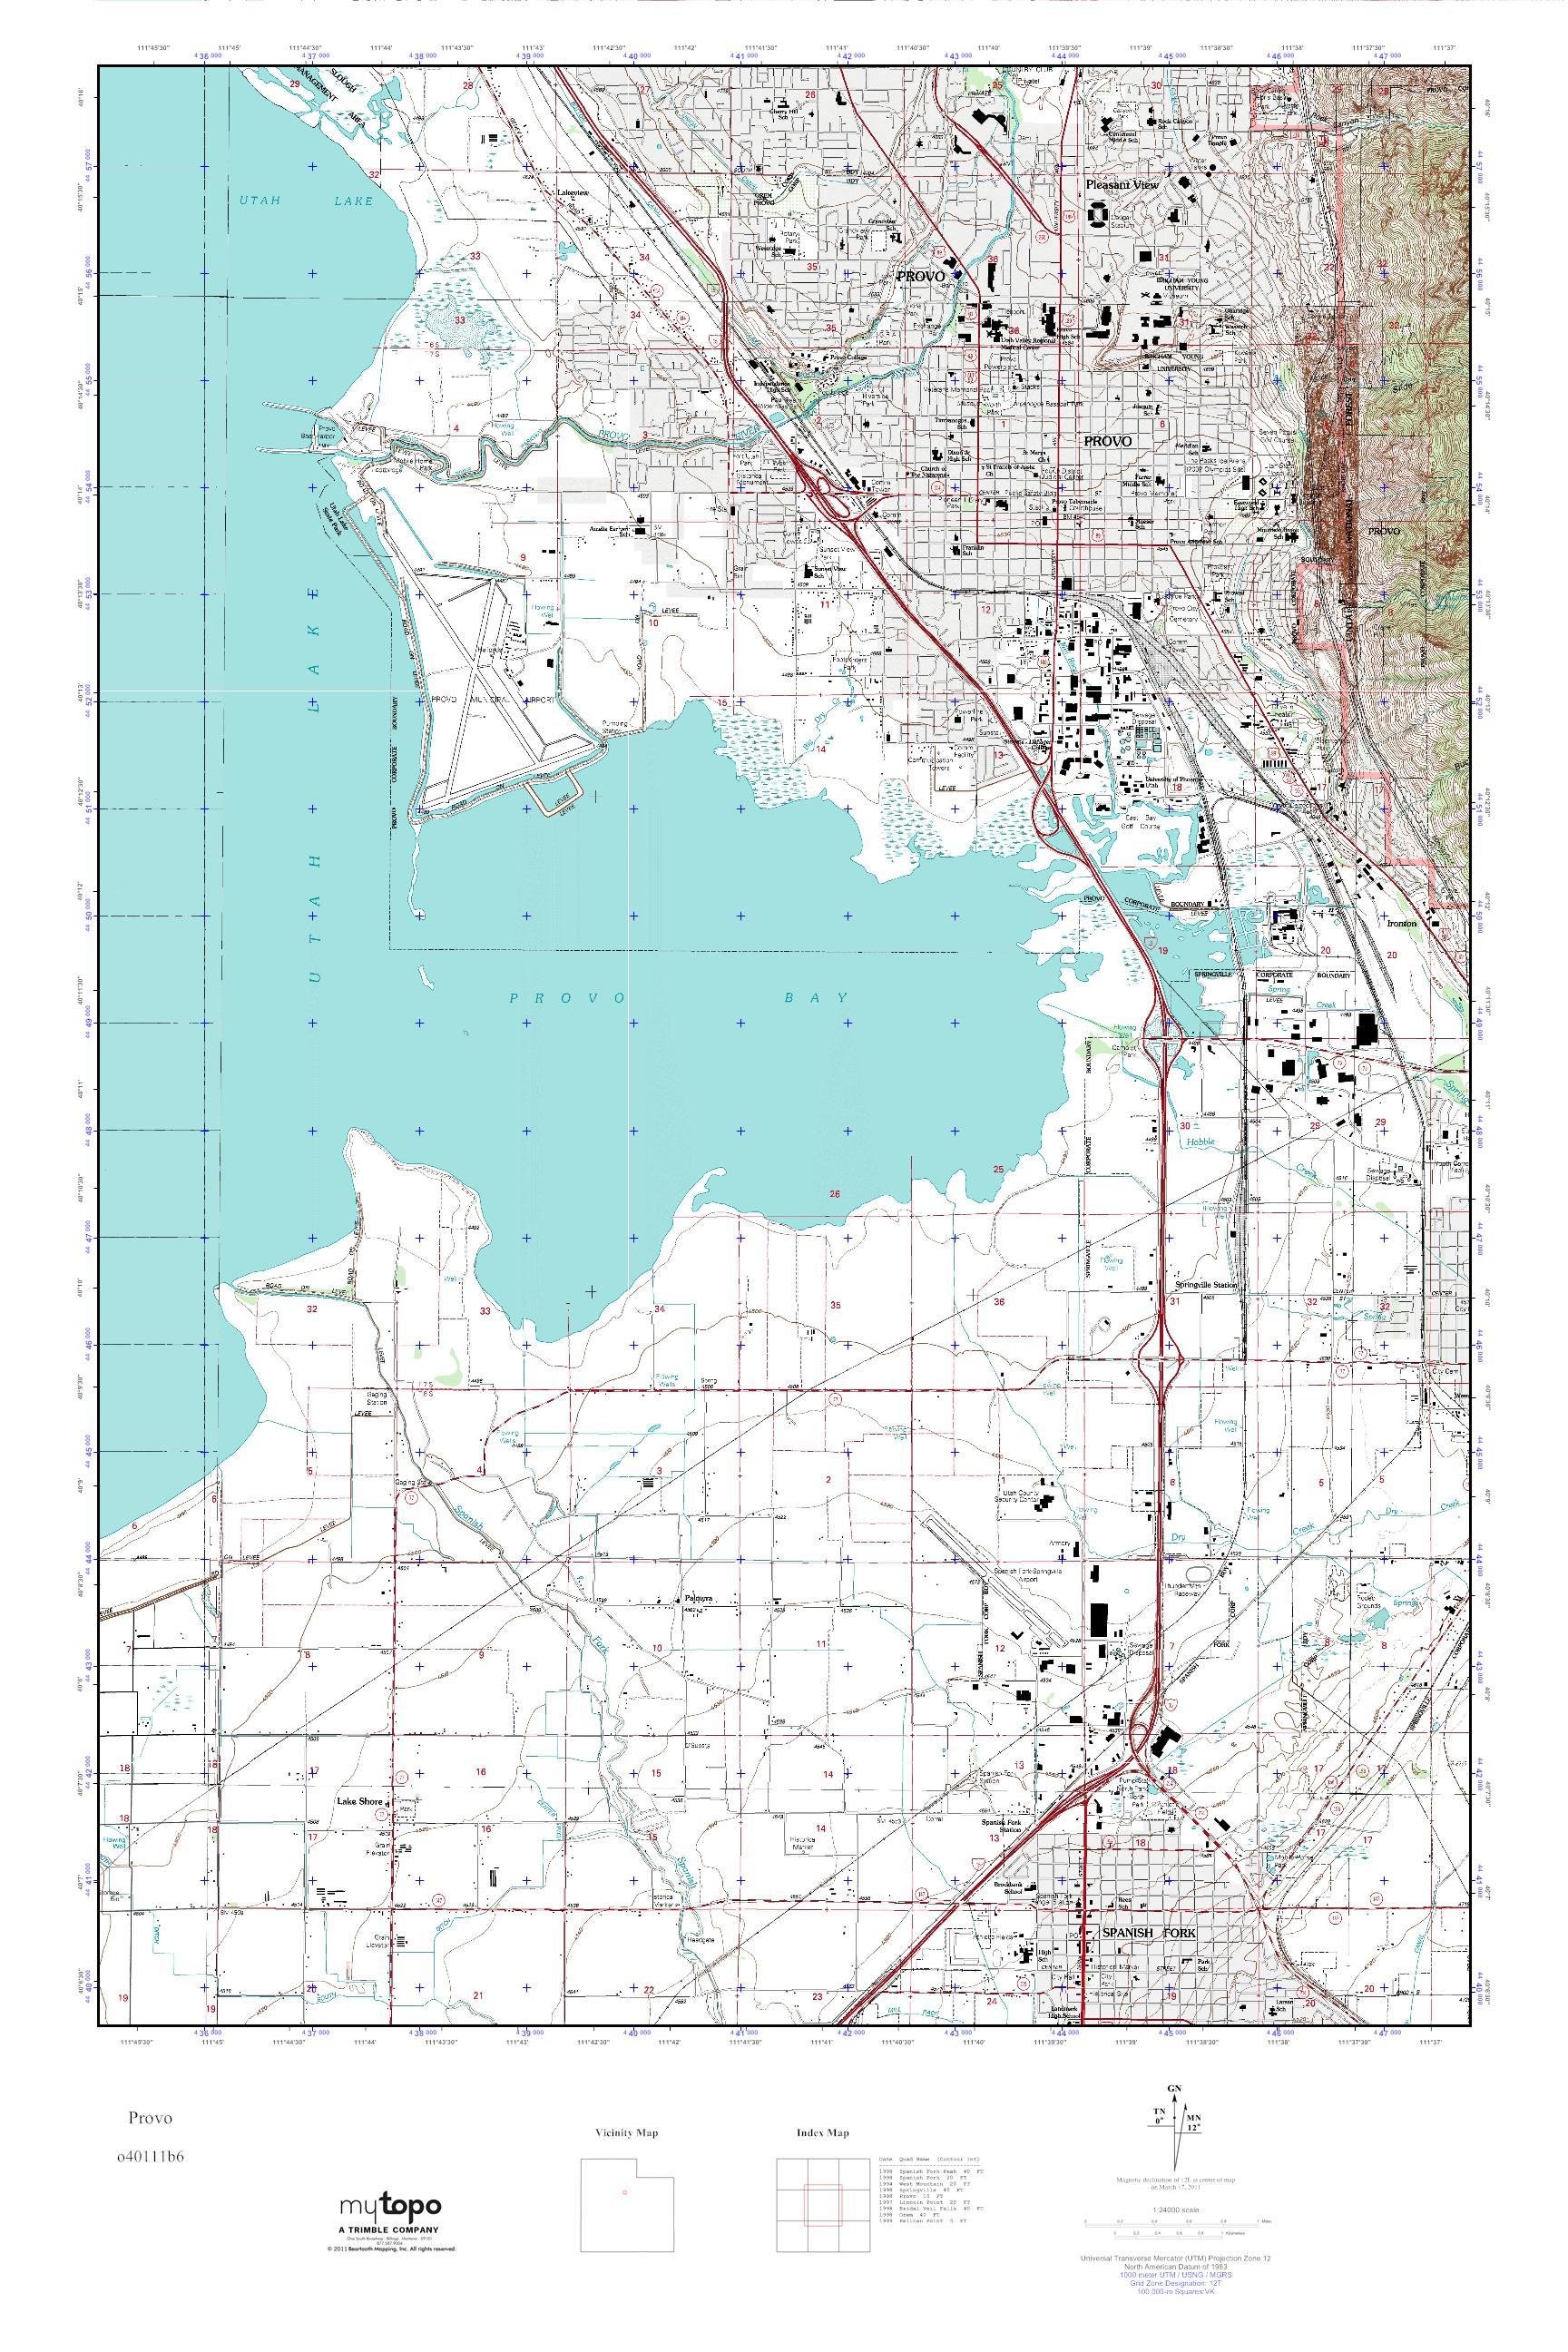 Mytopo Provo Utah Usgs Quad Topo Map